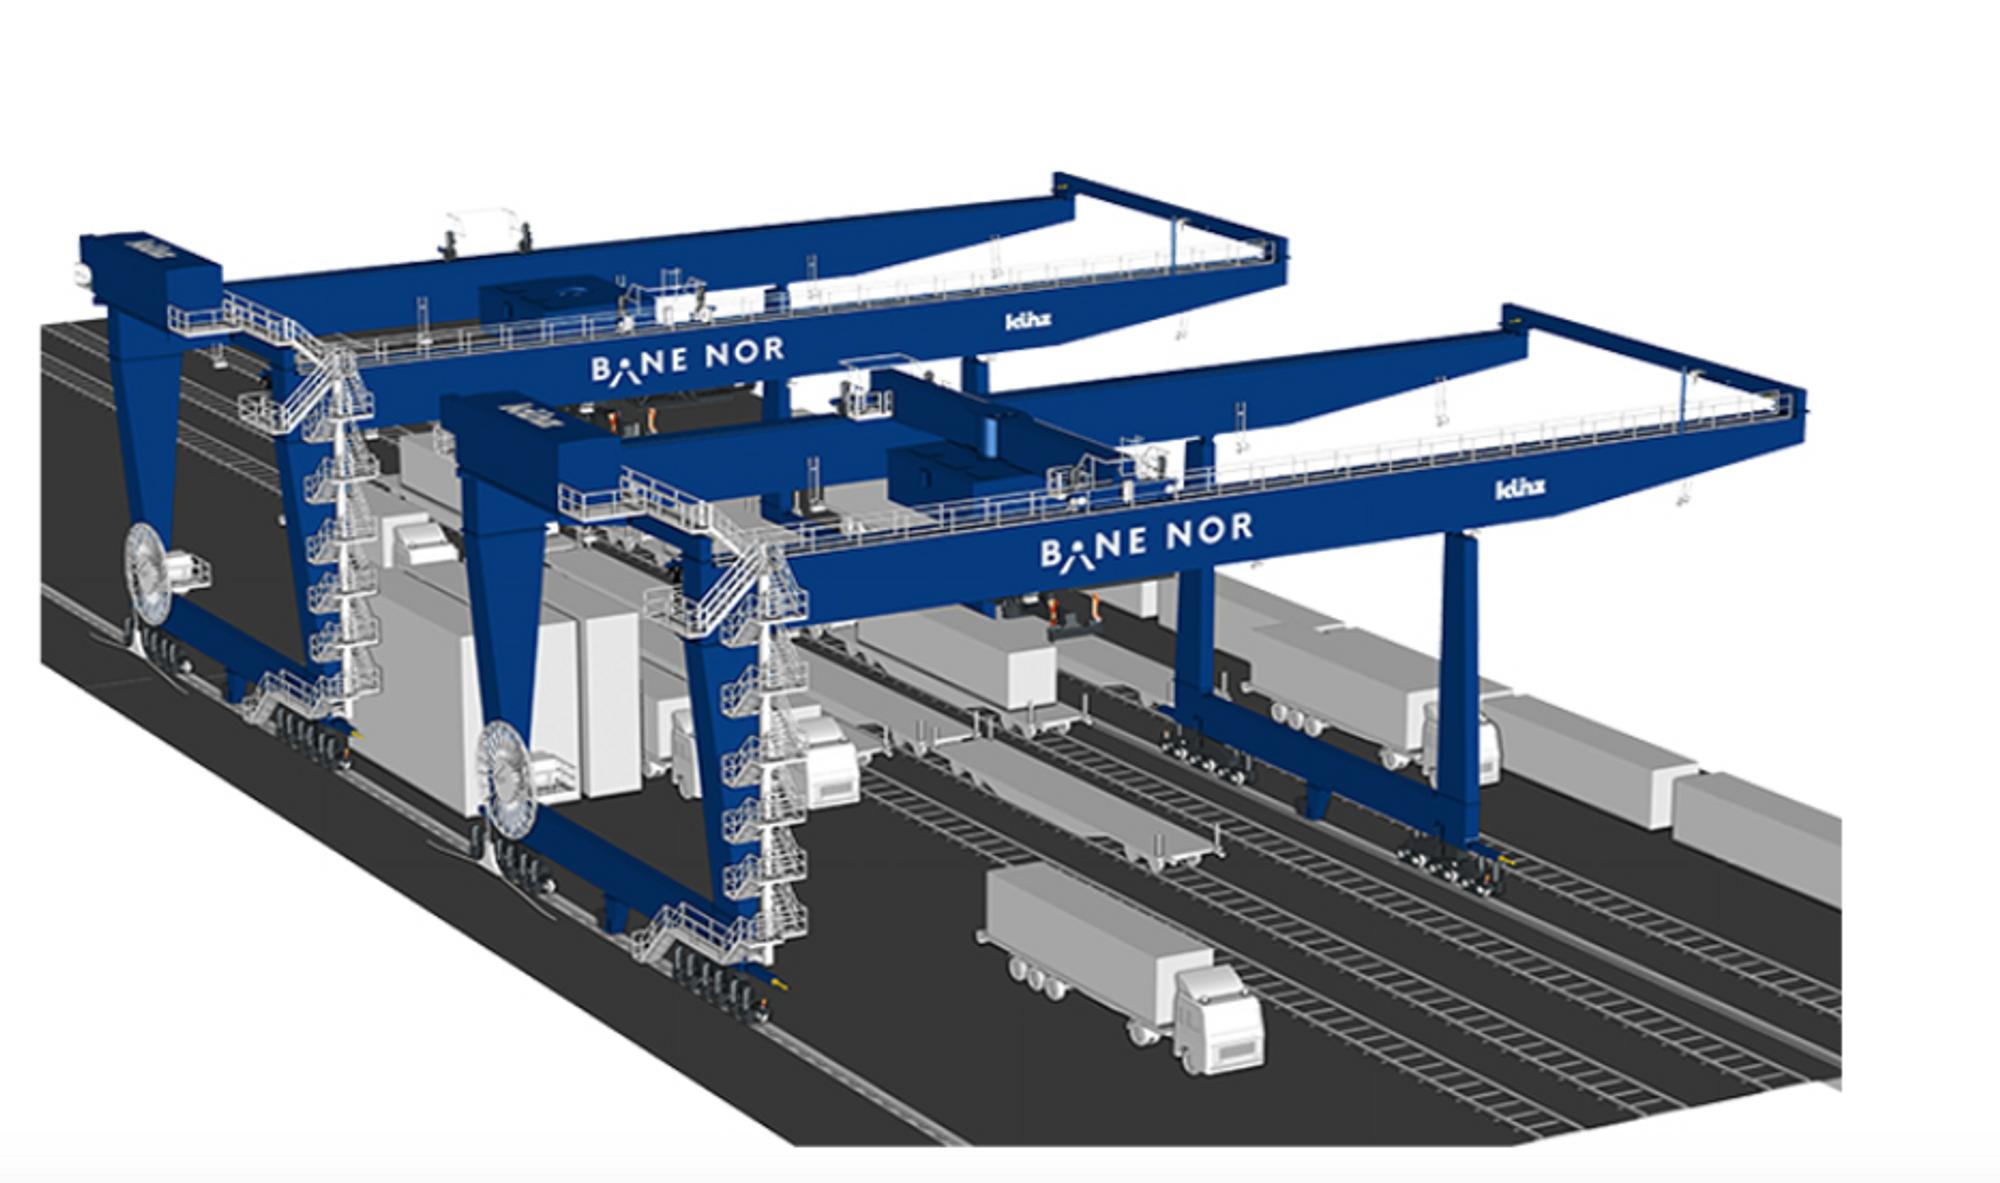 To nye, halv-automatiserte kraner er ventet til Alnabru godsterminal i Oslo i 2022.